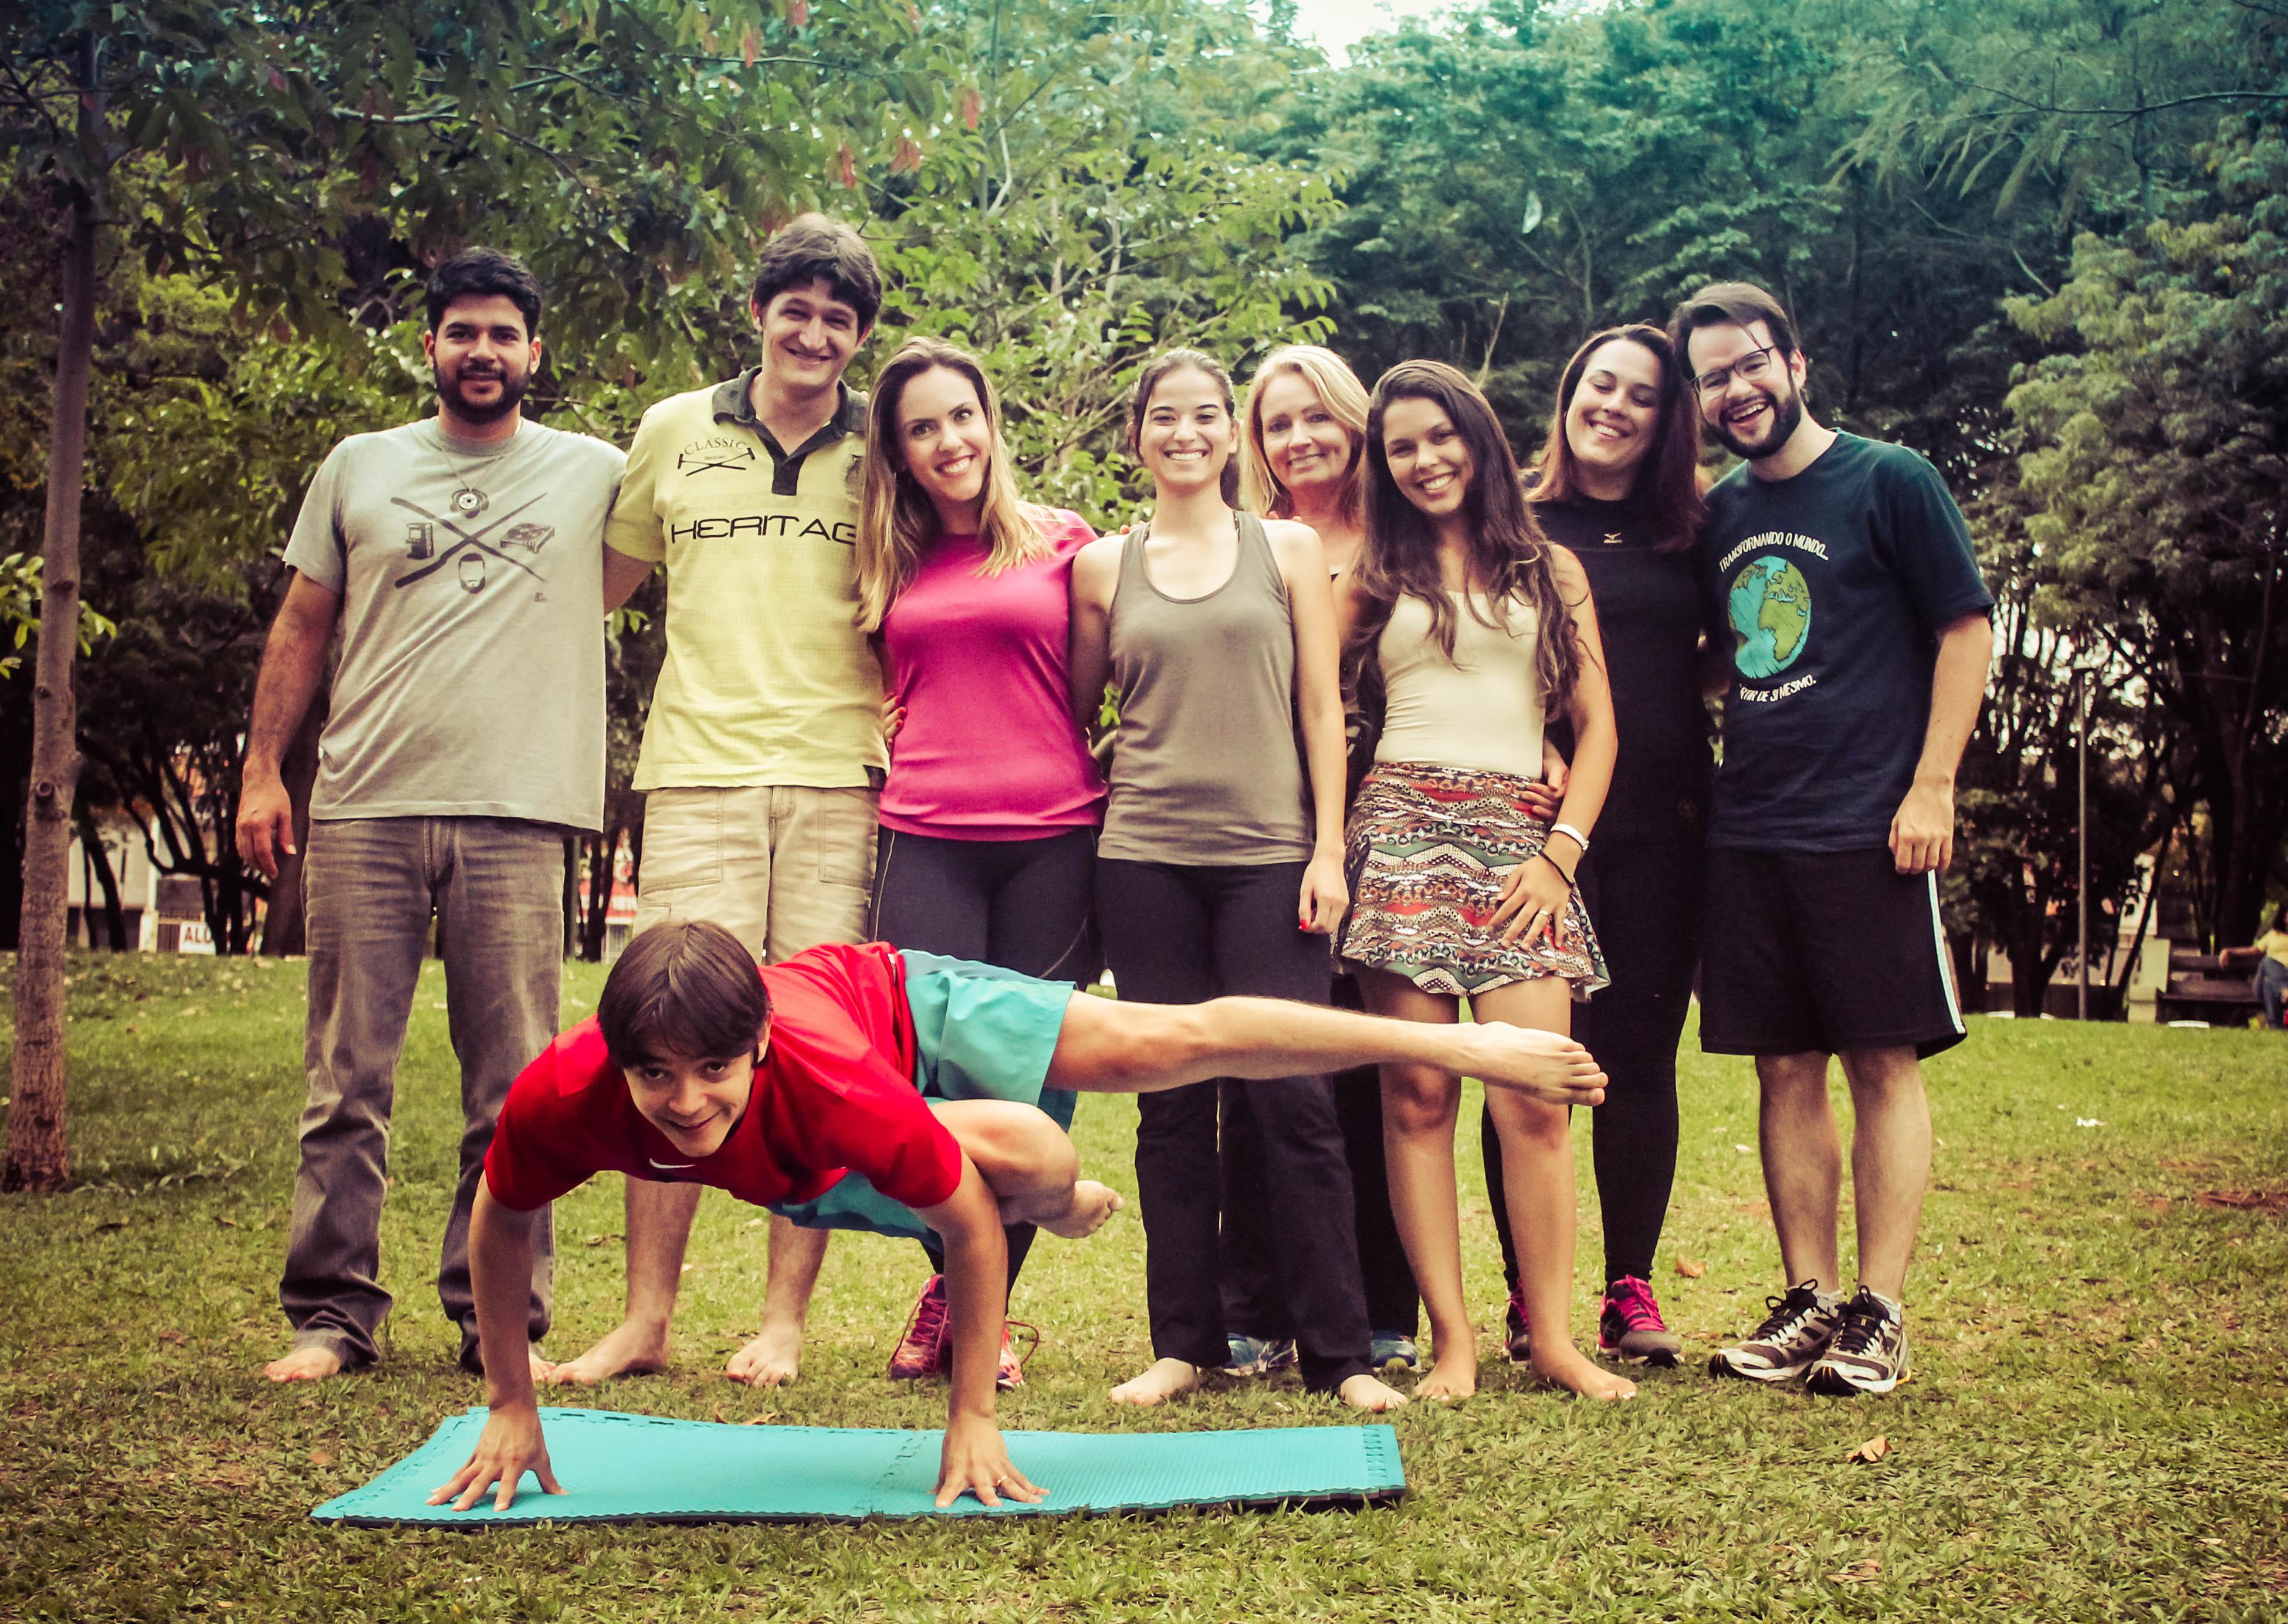 Equipe Instituto Deândhela